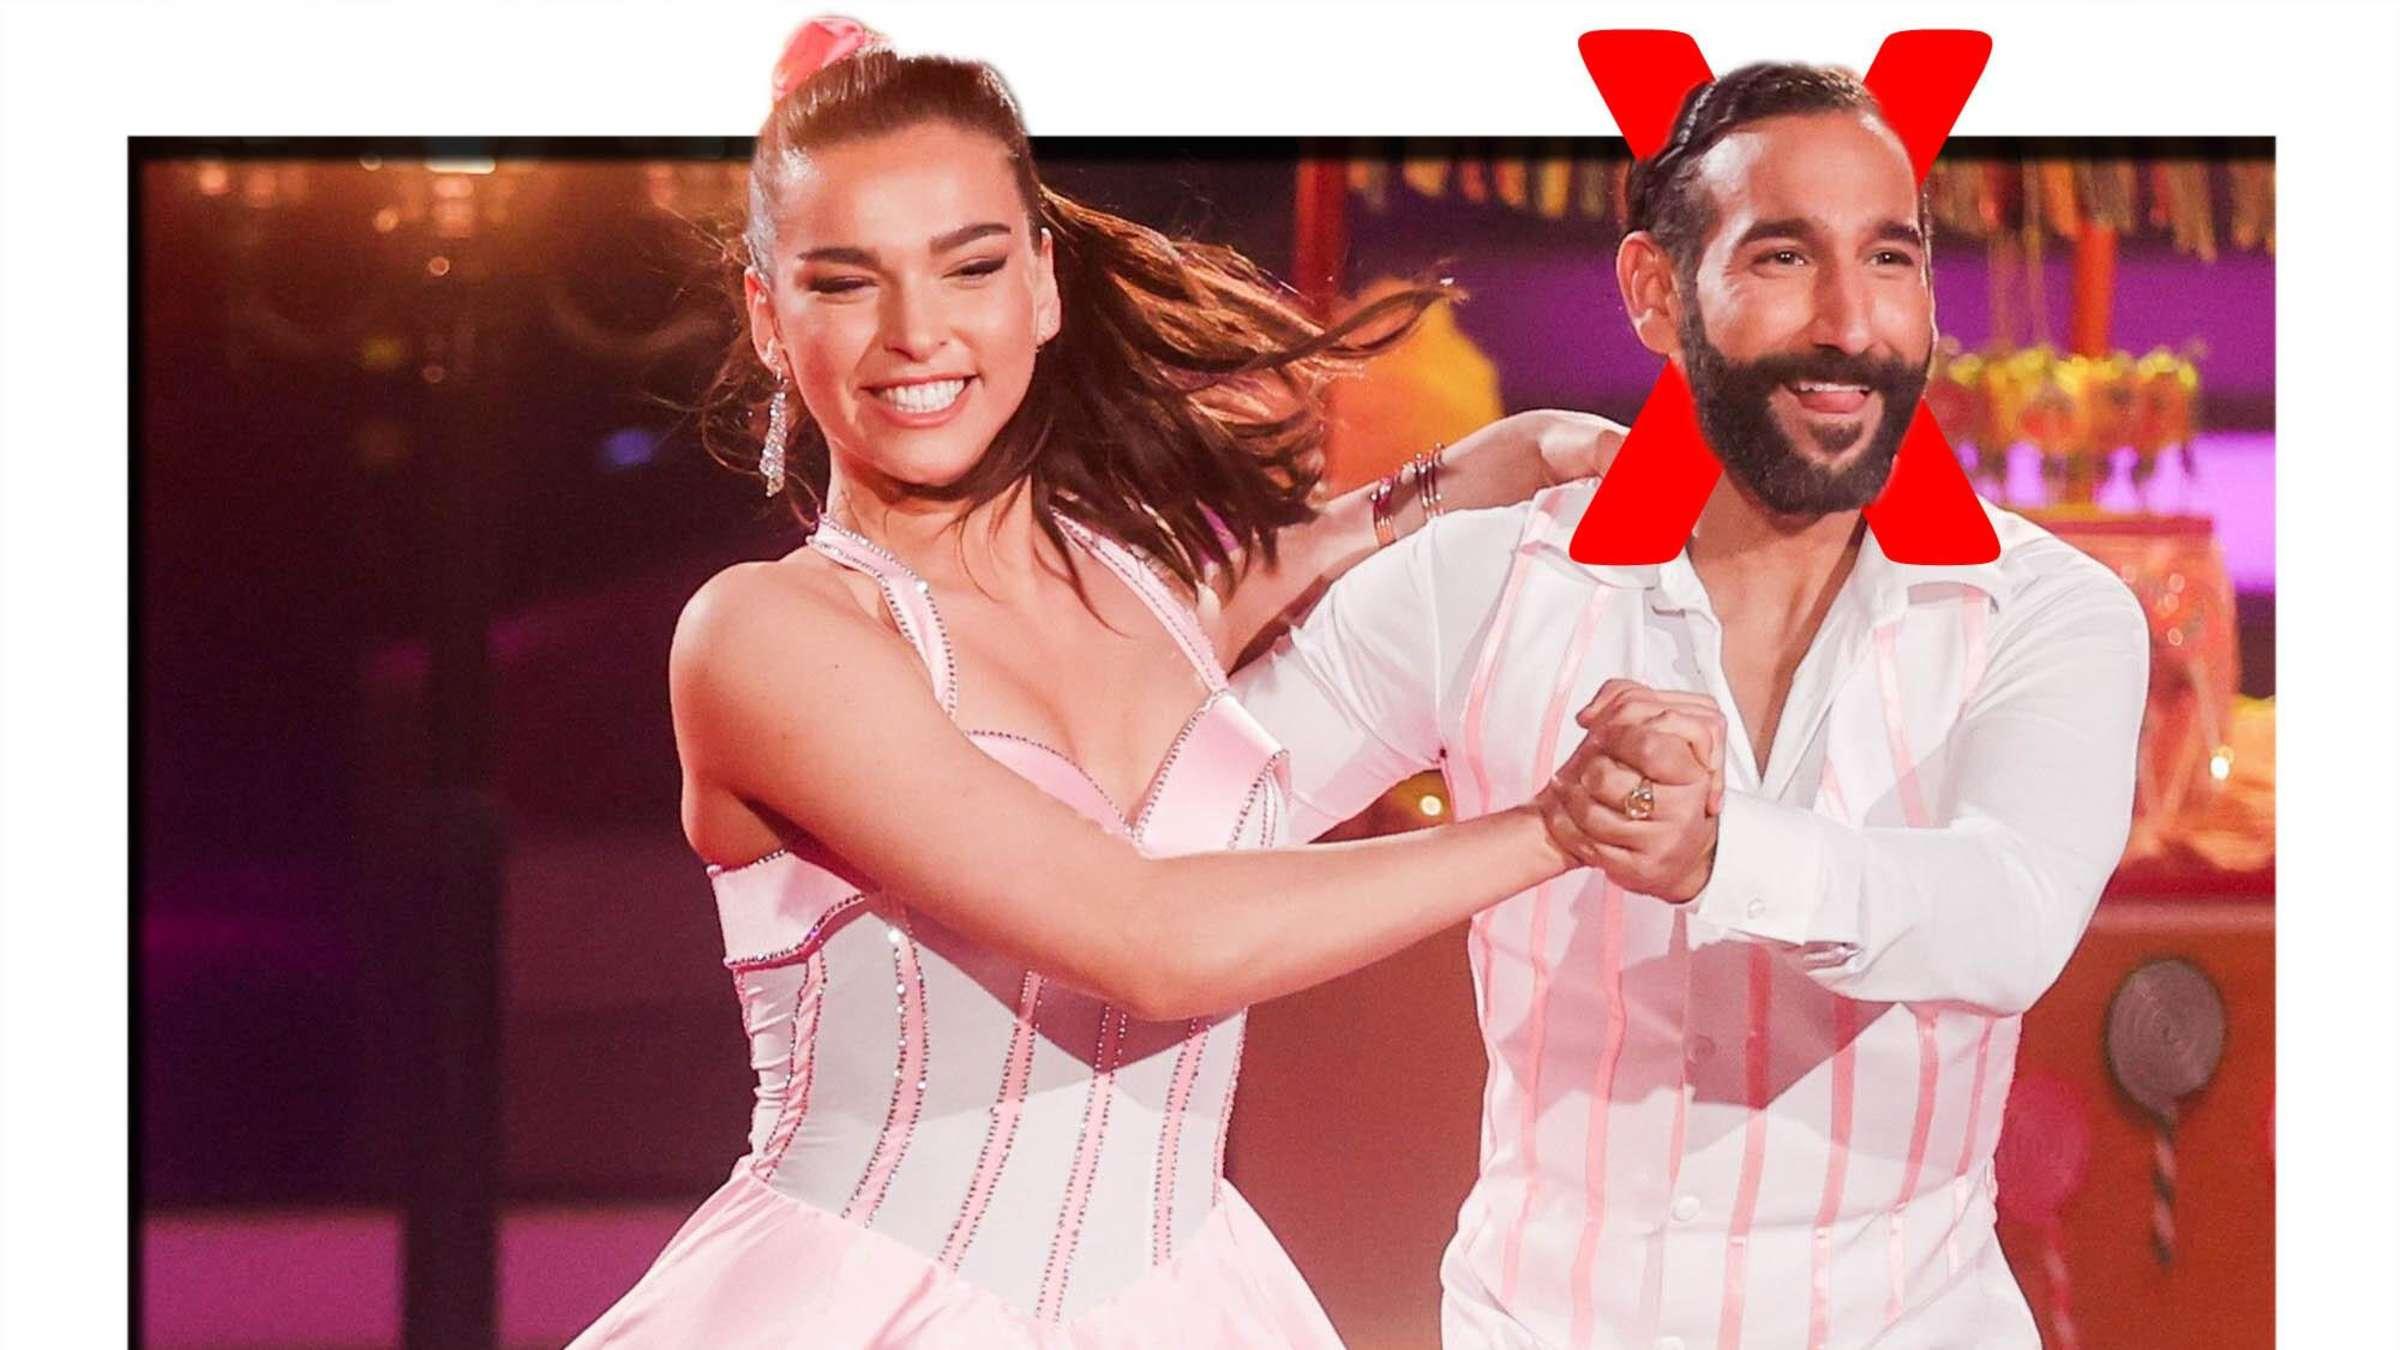 Let S Dance Rtl Tanzer Massimo Sinato Nachstes Jahr Raus Rtl Will Neuen Profis Chance Geben Let S Dance